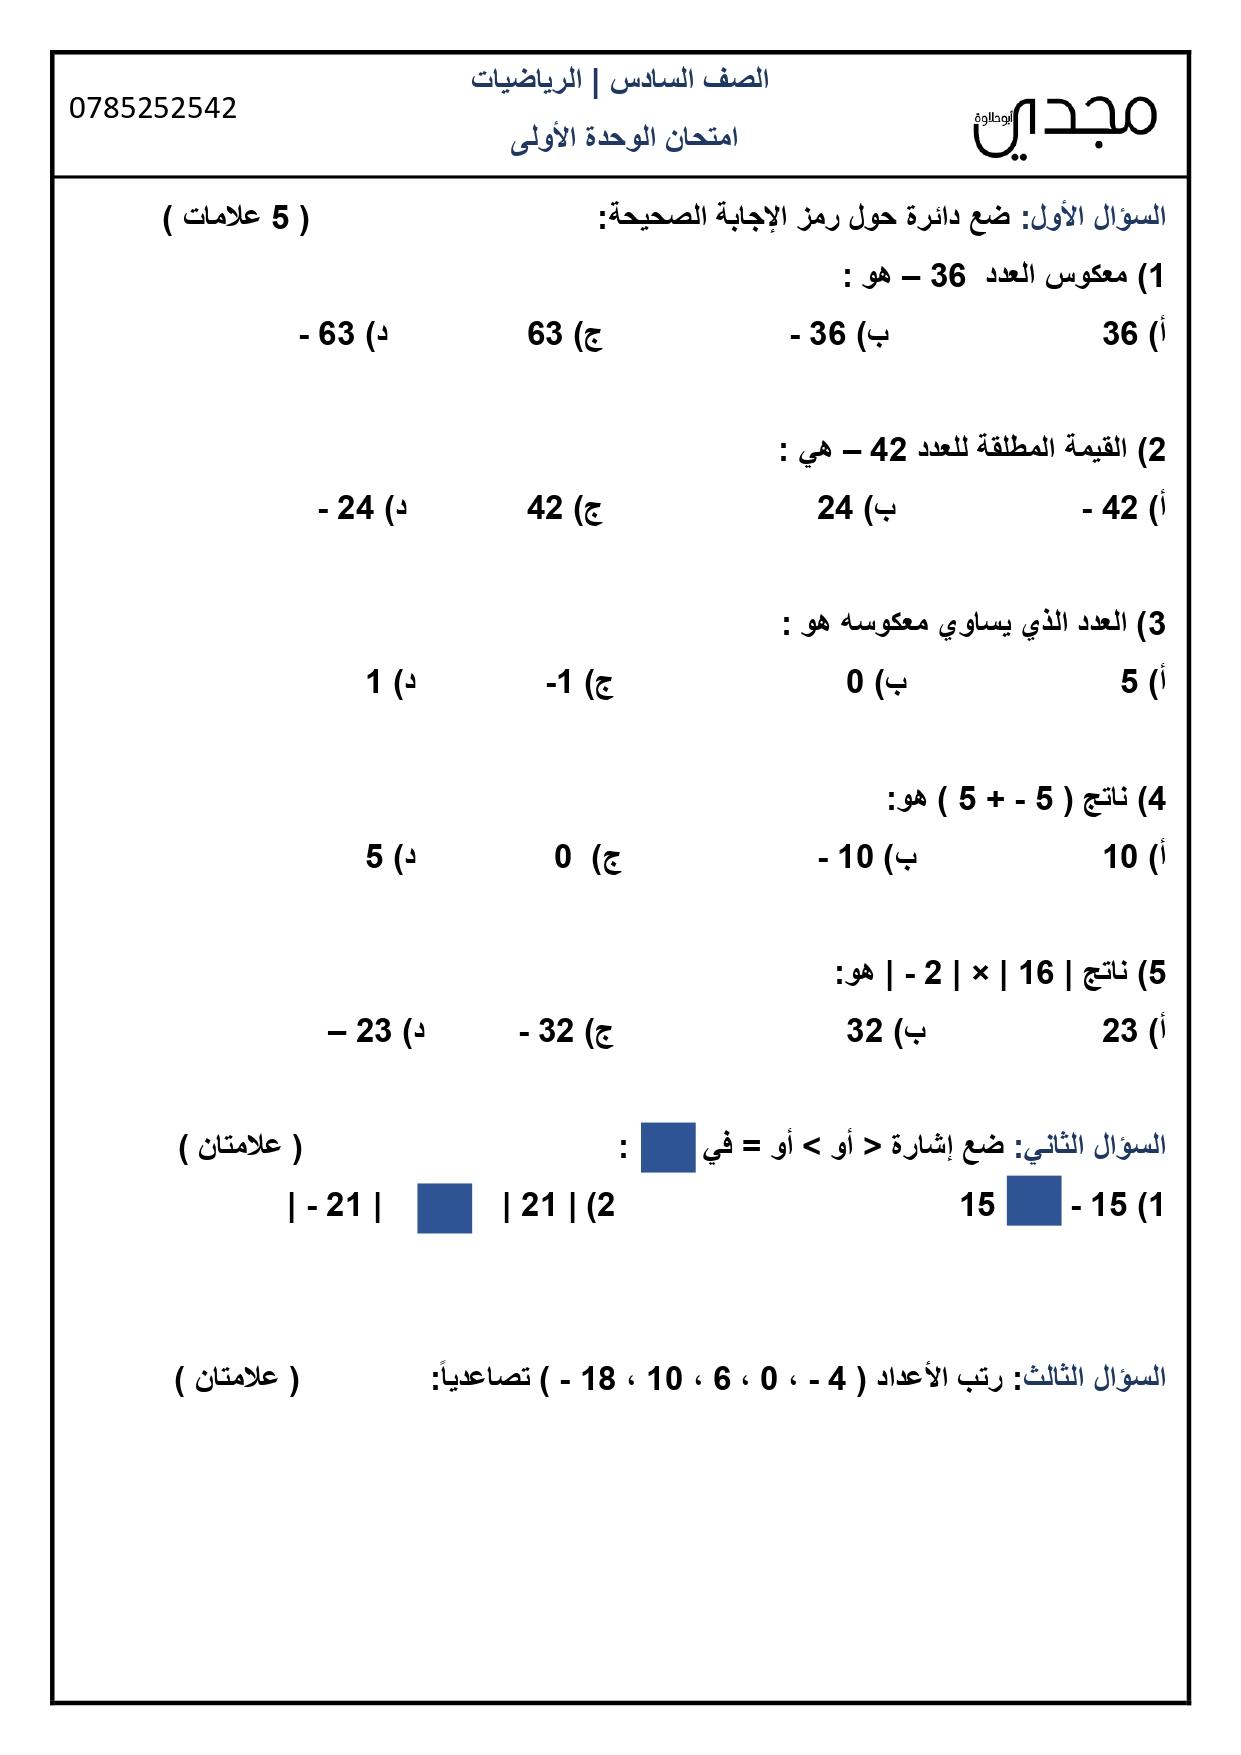 MjY1NTg4MQ9898%D8%A7%D9%85%D8%AA%D8%AD%D8%A7%D9%86%20%D8%A7%D9%84%D8%B4%D9%87%D8%B1%20%D8%A7%D9%84%D8%A7%D9%88%D9%84%20%D9%84%D9%85%D8%A7%D8%AF%D8%A9%20%D8%A7%D9%84%D8%B1%D9%8A%D8%A7%D8%B6%D9%8A%D8%A7%D8%AA%20%D9%84%D9%84%D8%B5%D9%81%20%D8%A7%D9%84%D8%B3%D8%A7%D8%AF%D8%B3%20%D8%A7%D9%84%D9%81%D8%B5%D9%84%20%D8%A7%D9%84%D8%A7%D9%88%D9%84%20%D8%A7%D9%84%D9%88%D8%AD%D8%AF%D8%A9%20%D8%A7%D9%84%D8%A7%D9%88%D9%84%D9%89%202021-0001